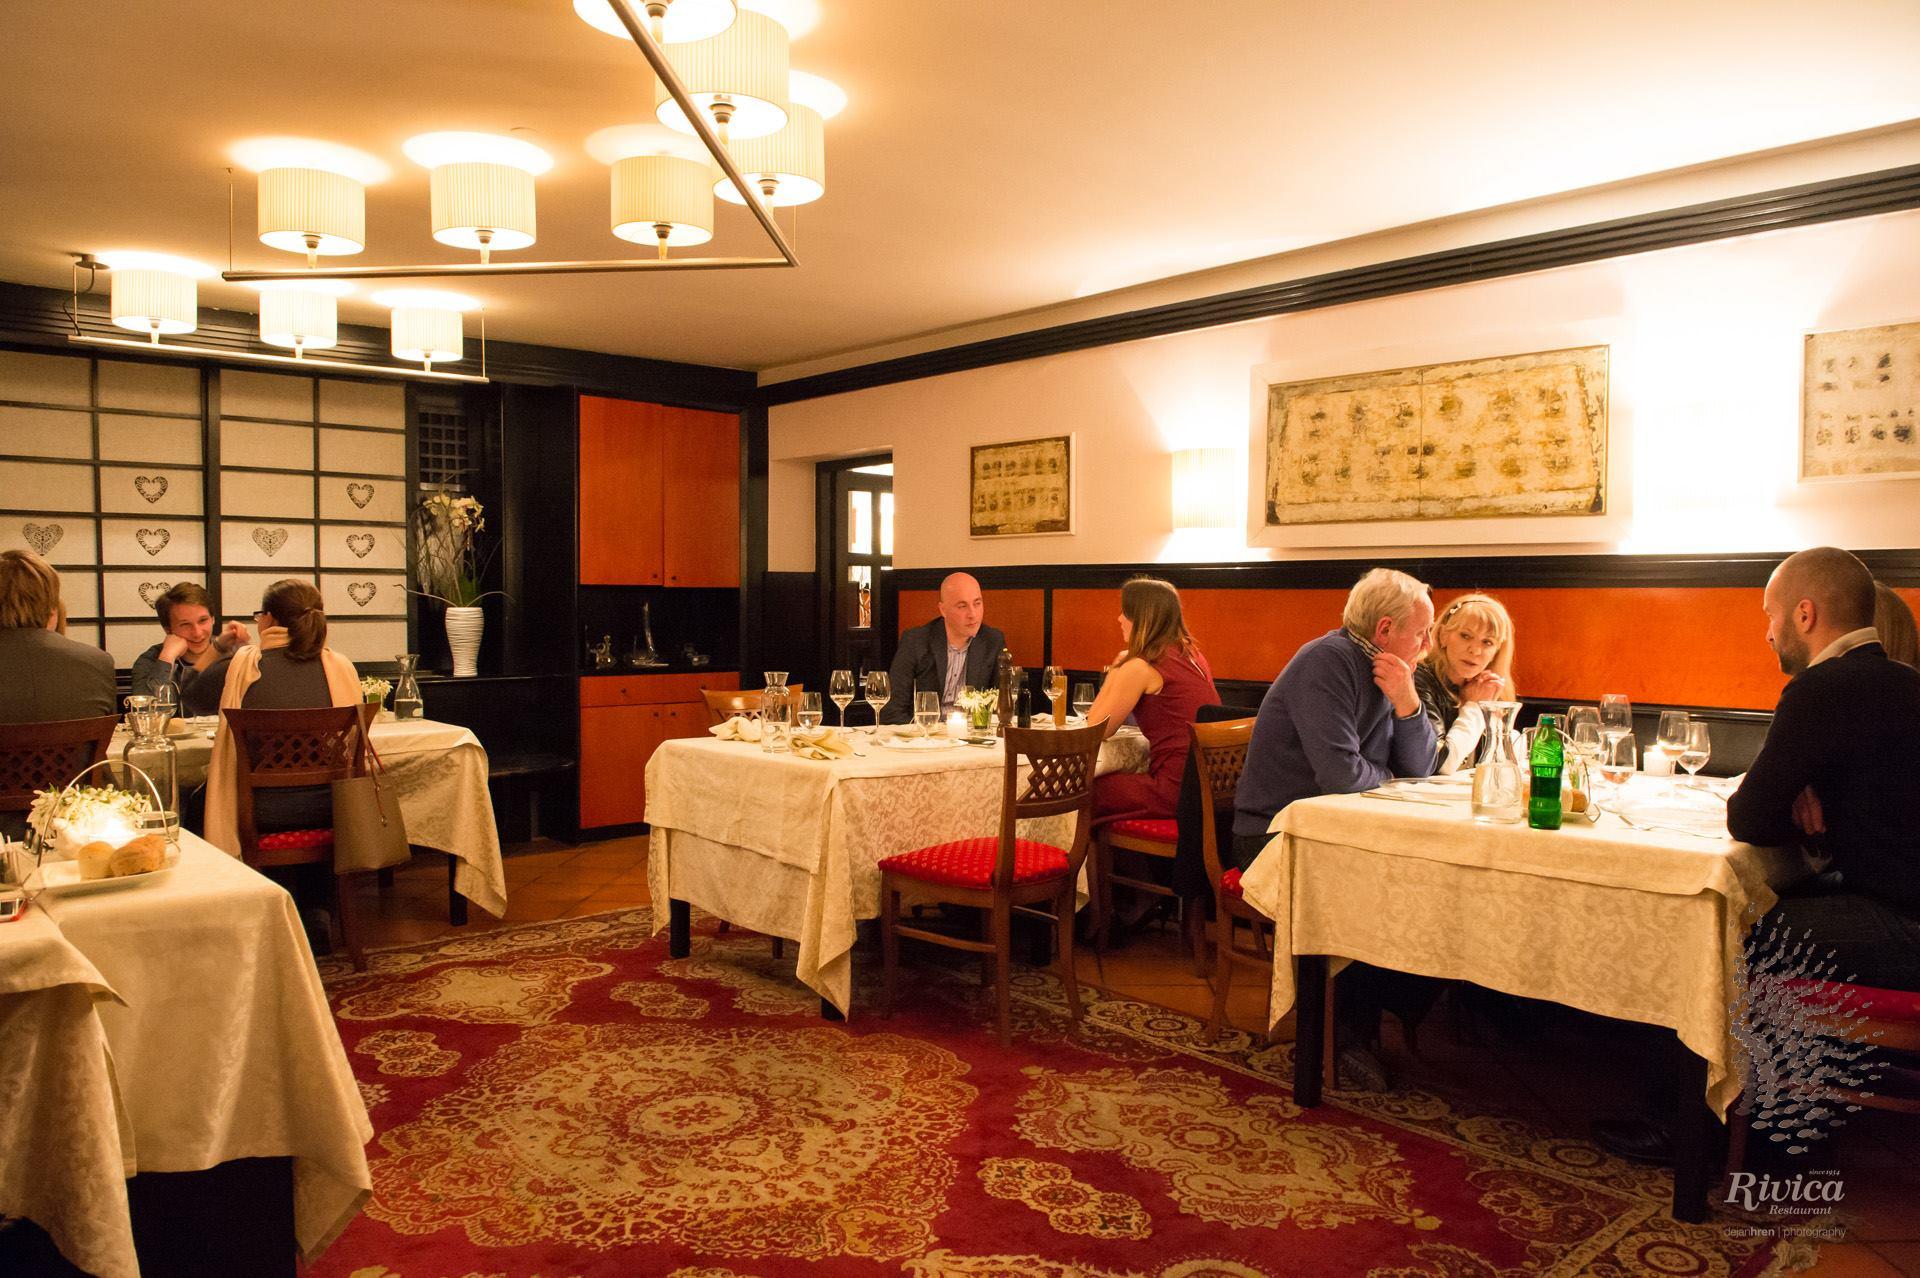 restoran rivica Krk